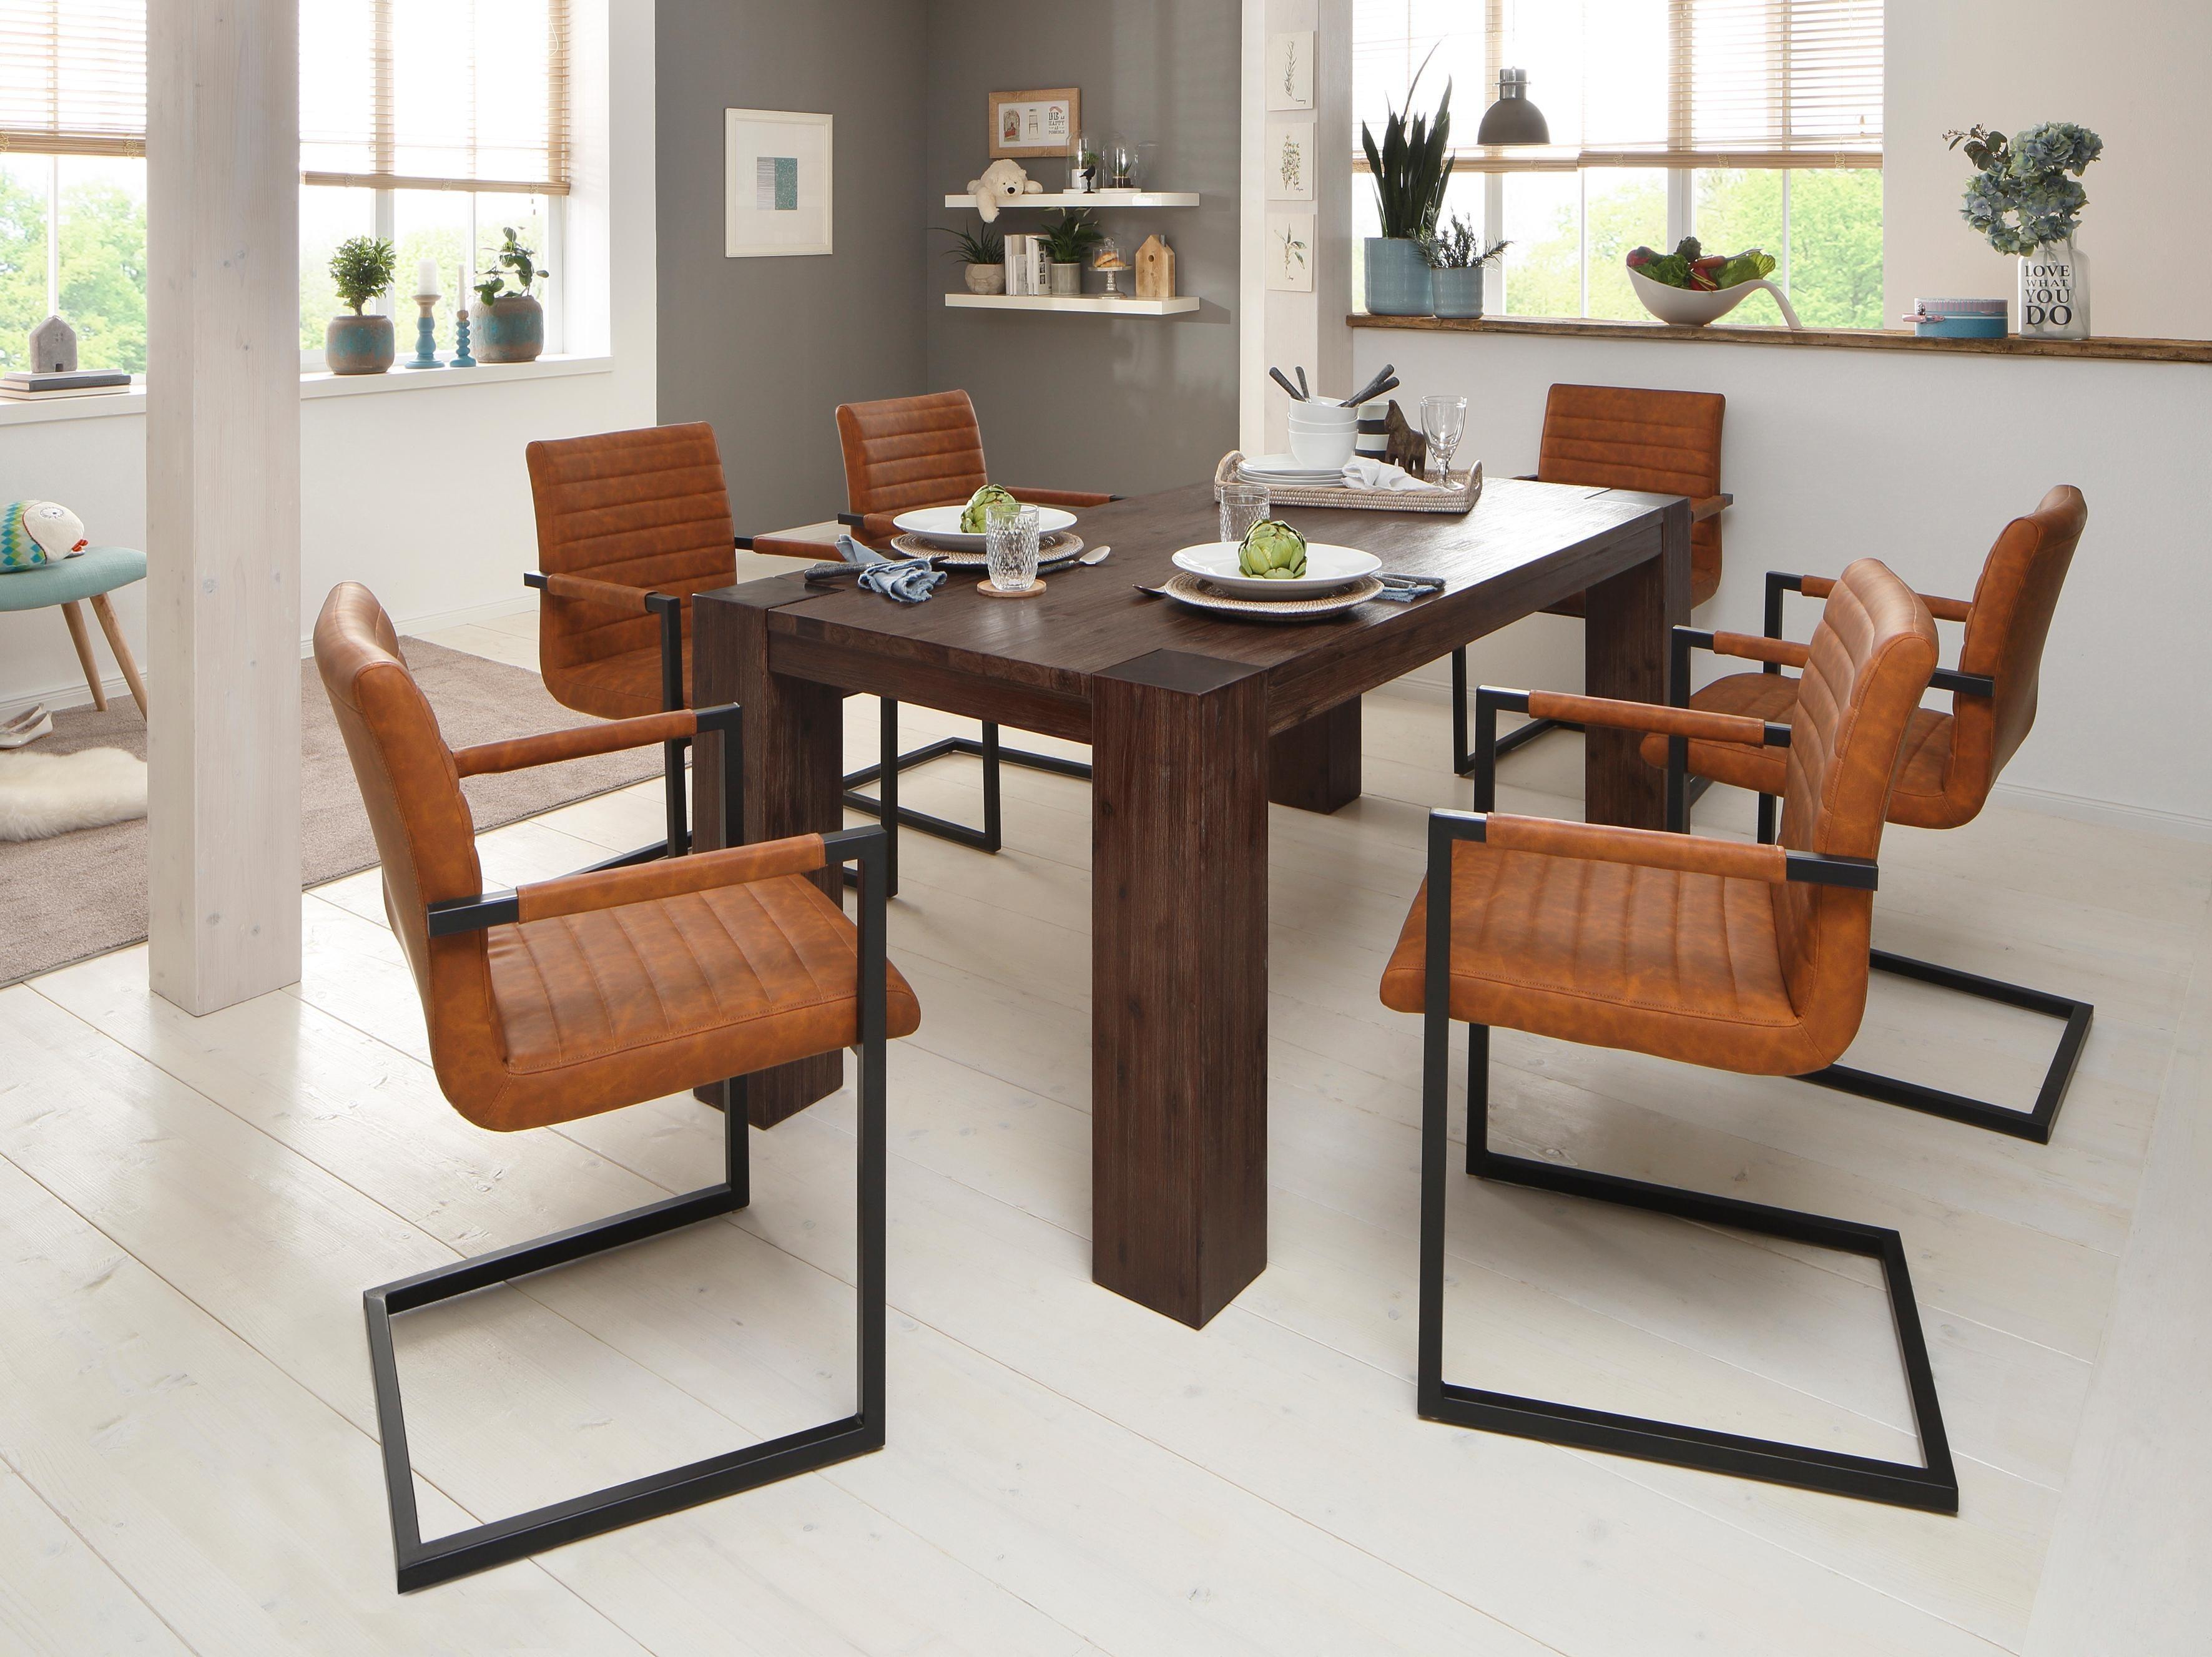 Exquisit Esstisch Stühle Mit Armlehne Referenz Von Essgruppenset Â«bineÂ« Bestehend Aus 6 Sabine Stühlen